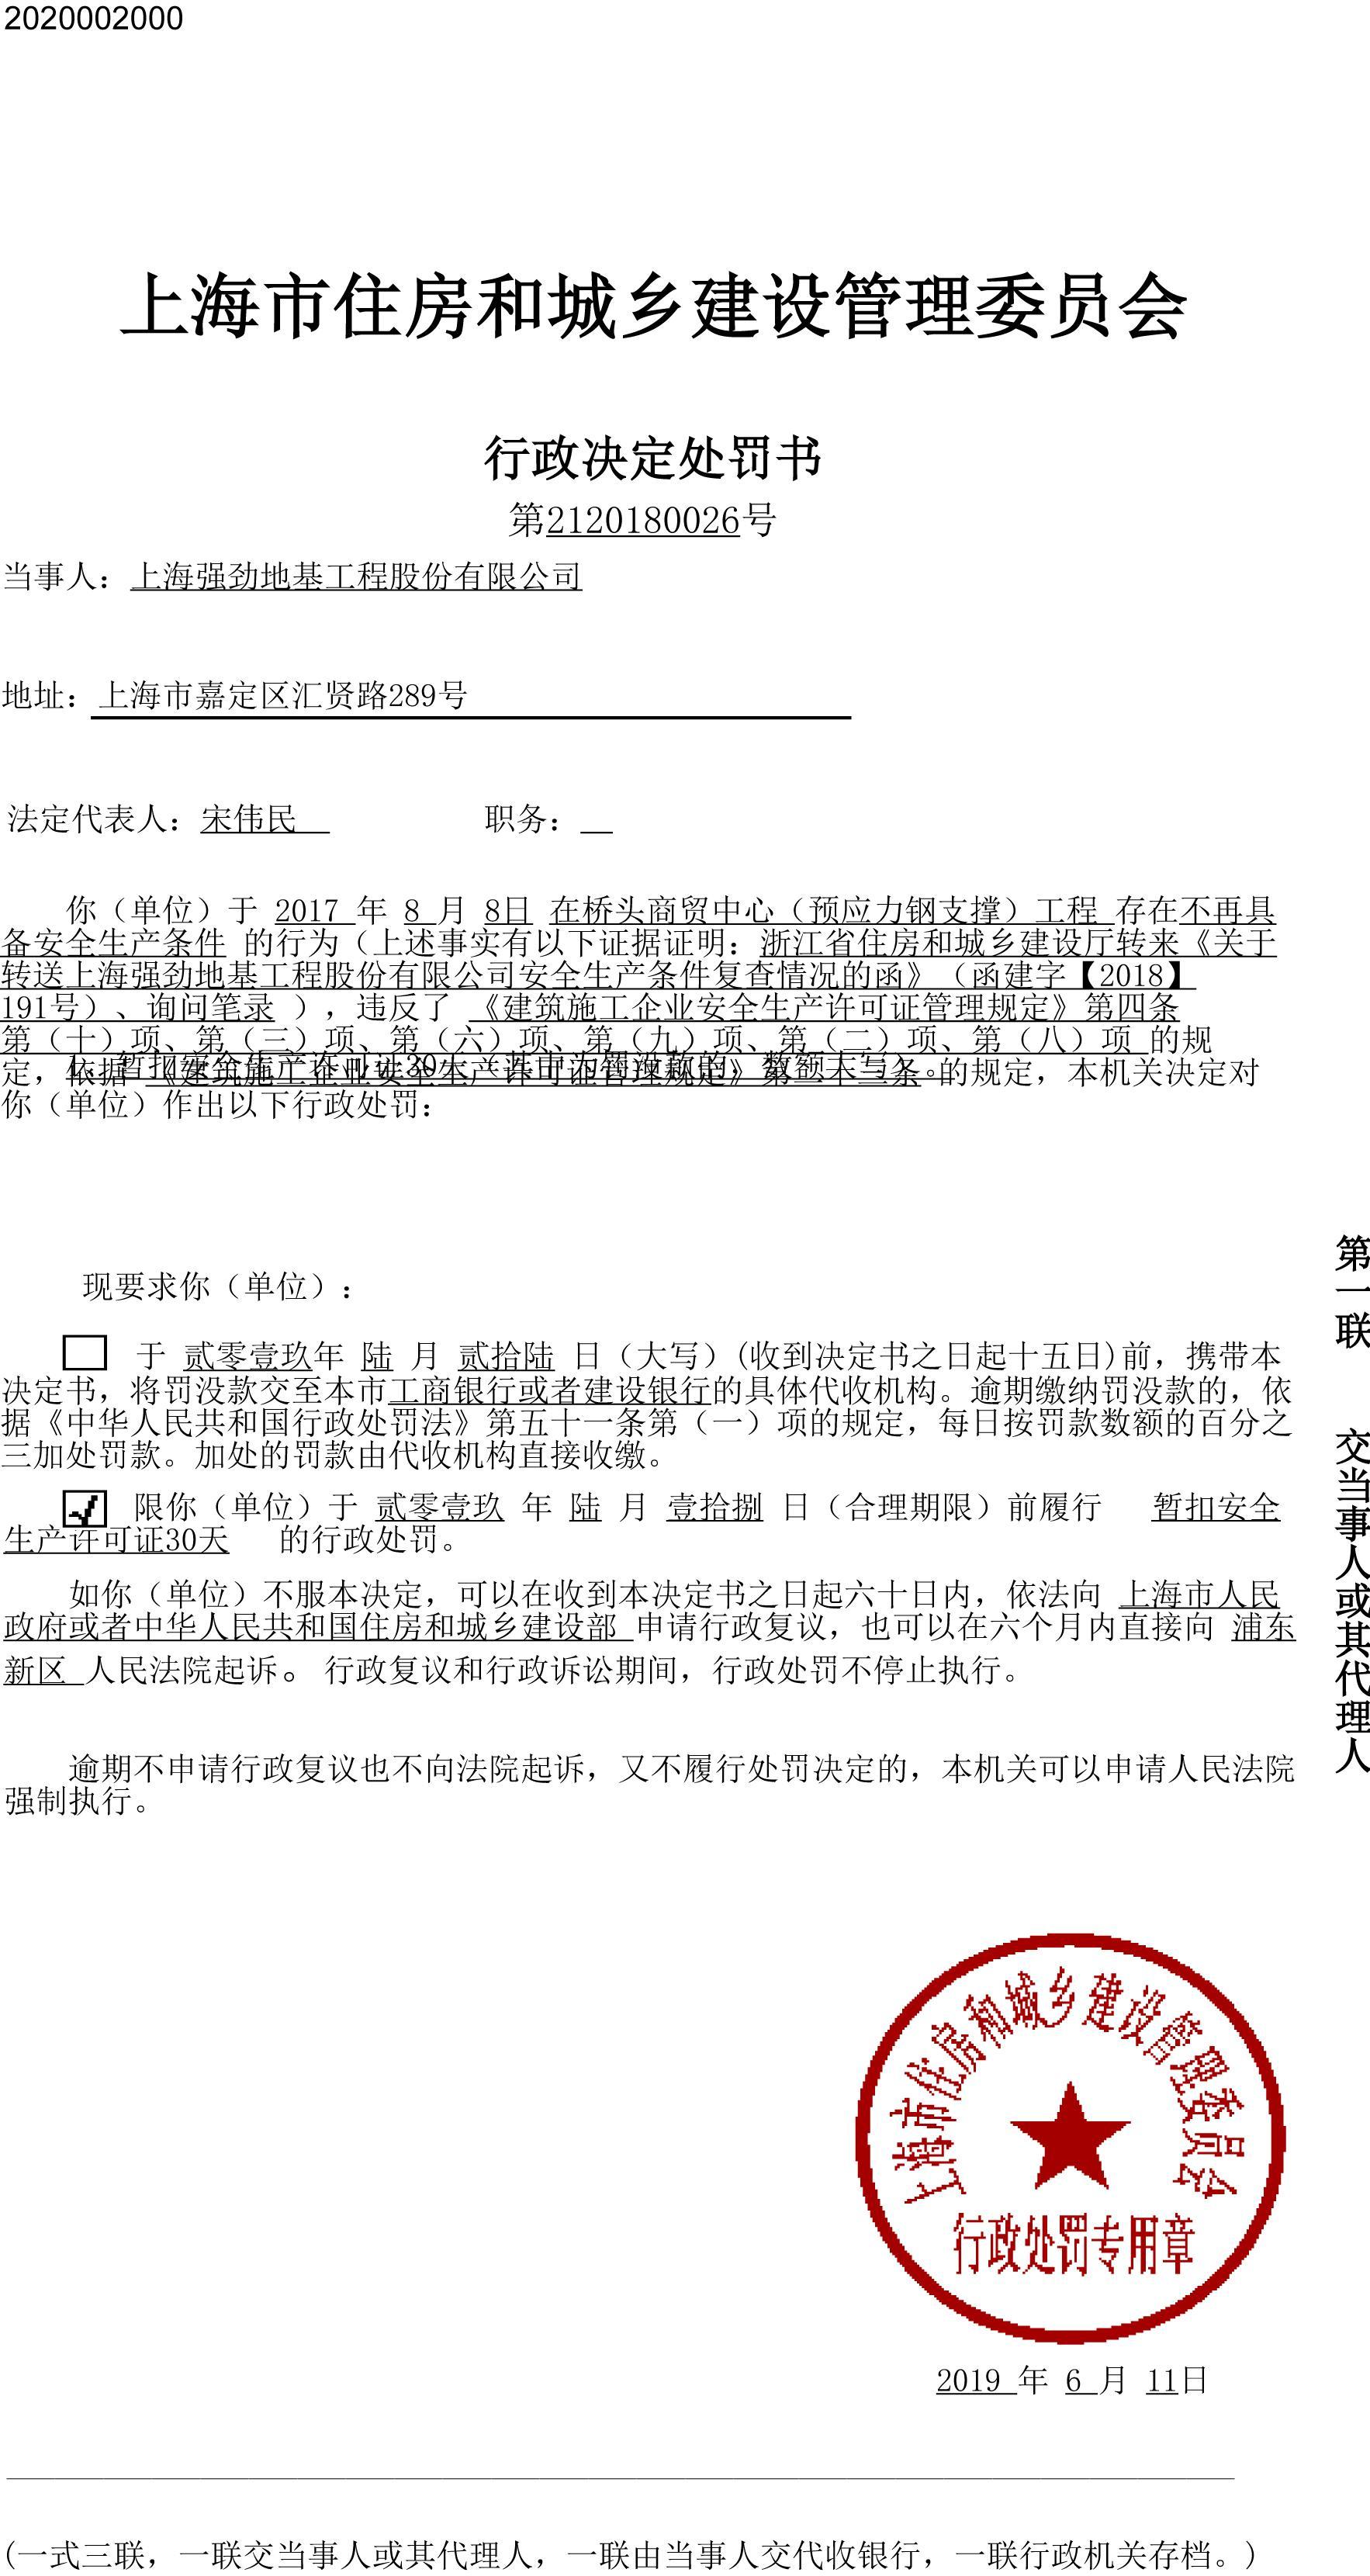 上海强劲地基工程股份有限公司违反安全生产相关规定被暂扣安全生产许可证